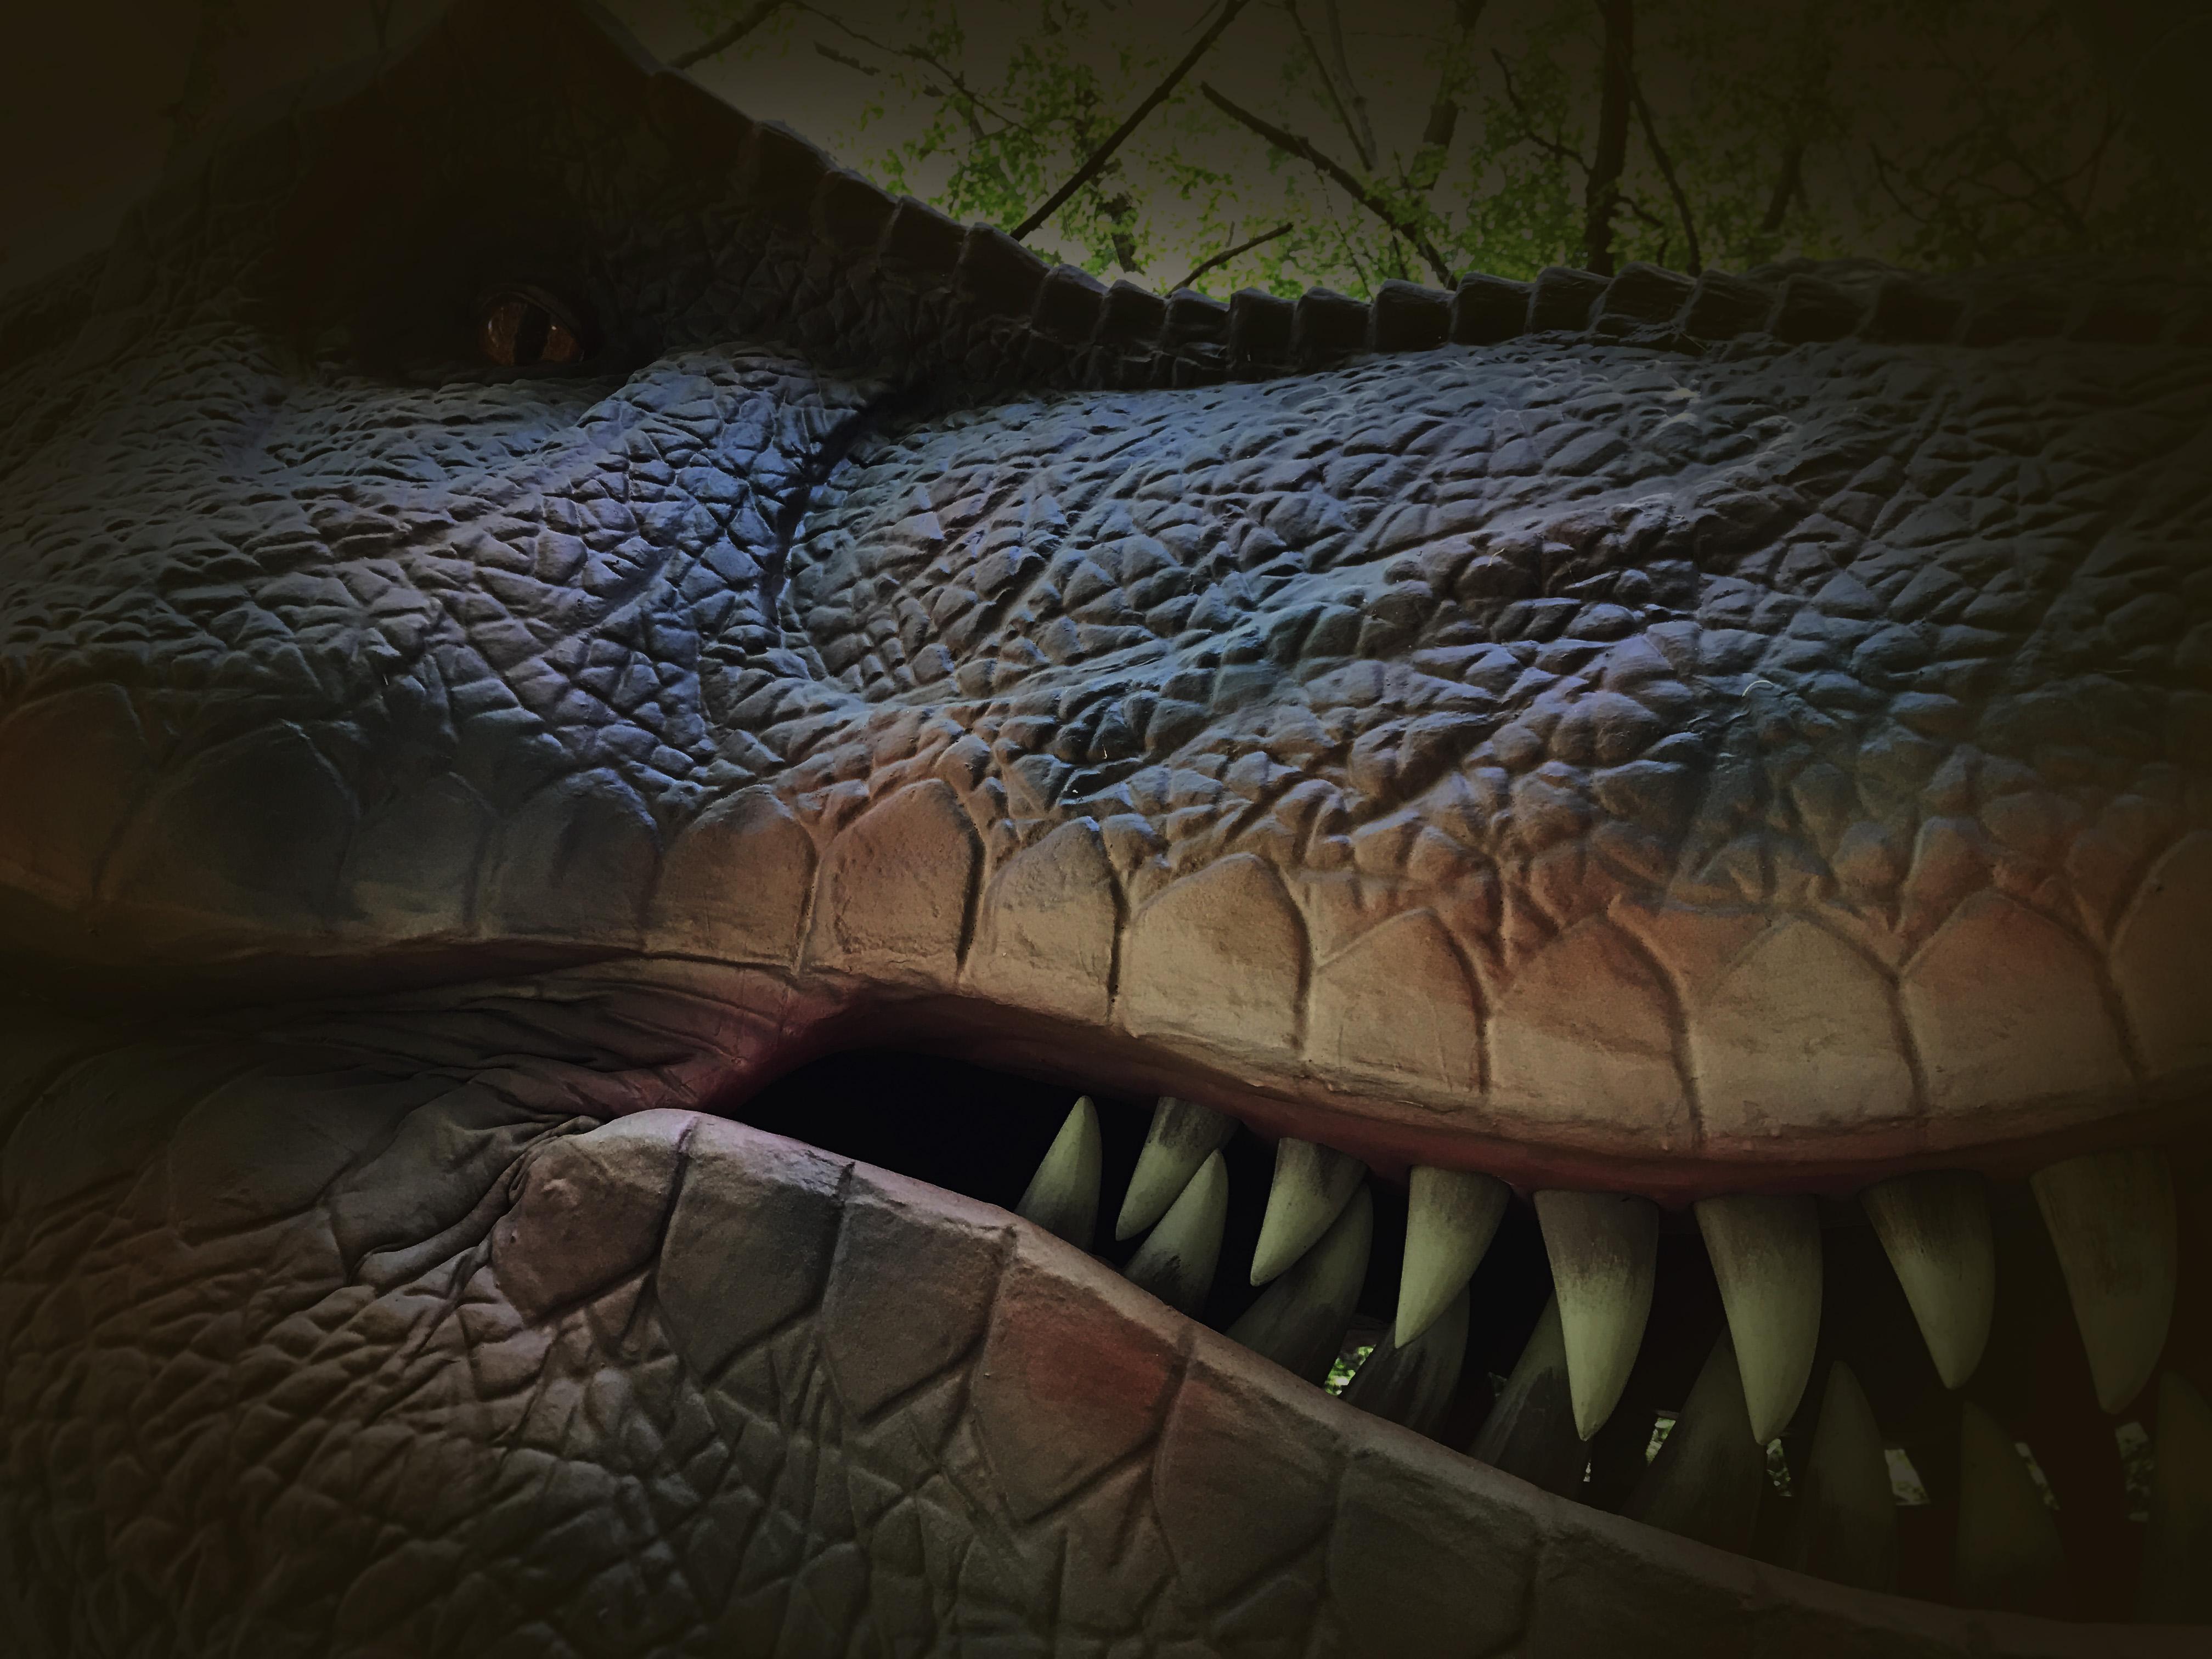 最強の肉食恐竜ティラノサウルスは獲物を狙い息を潜めています